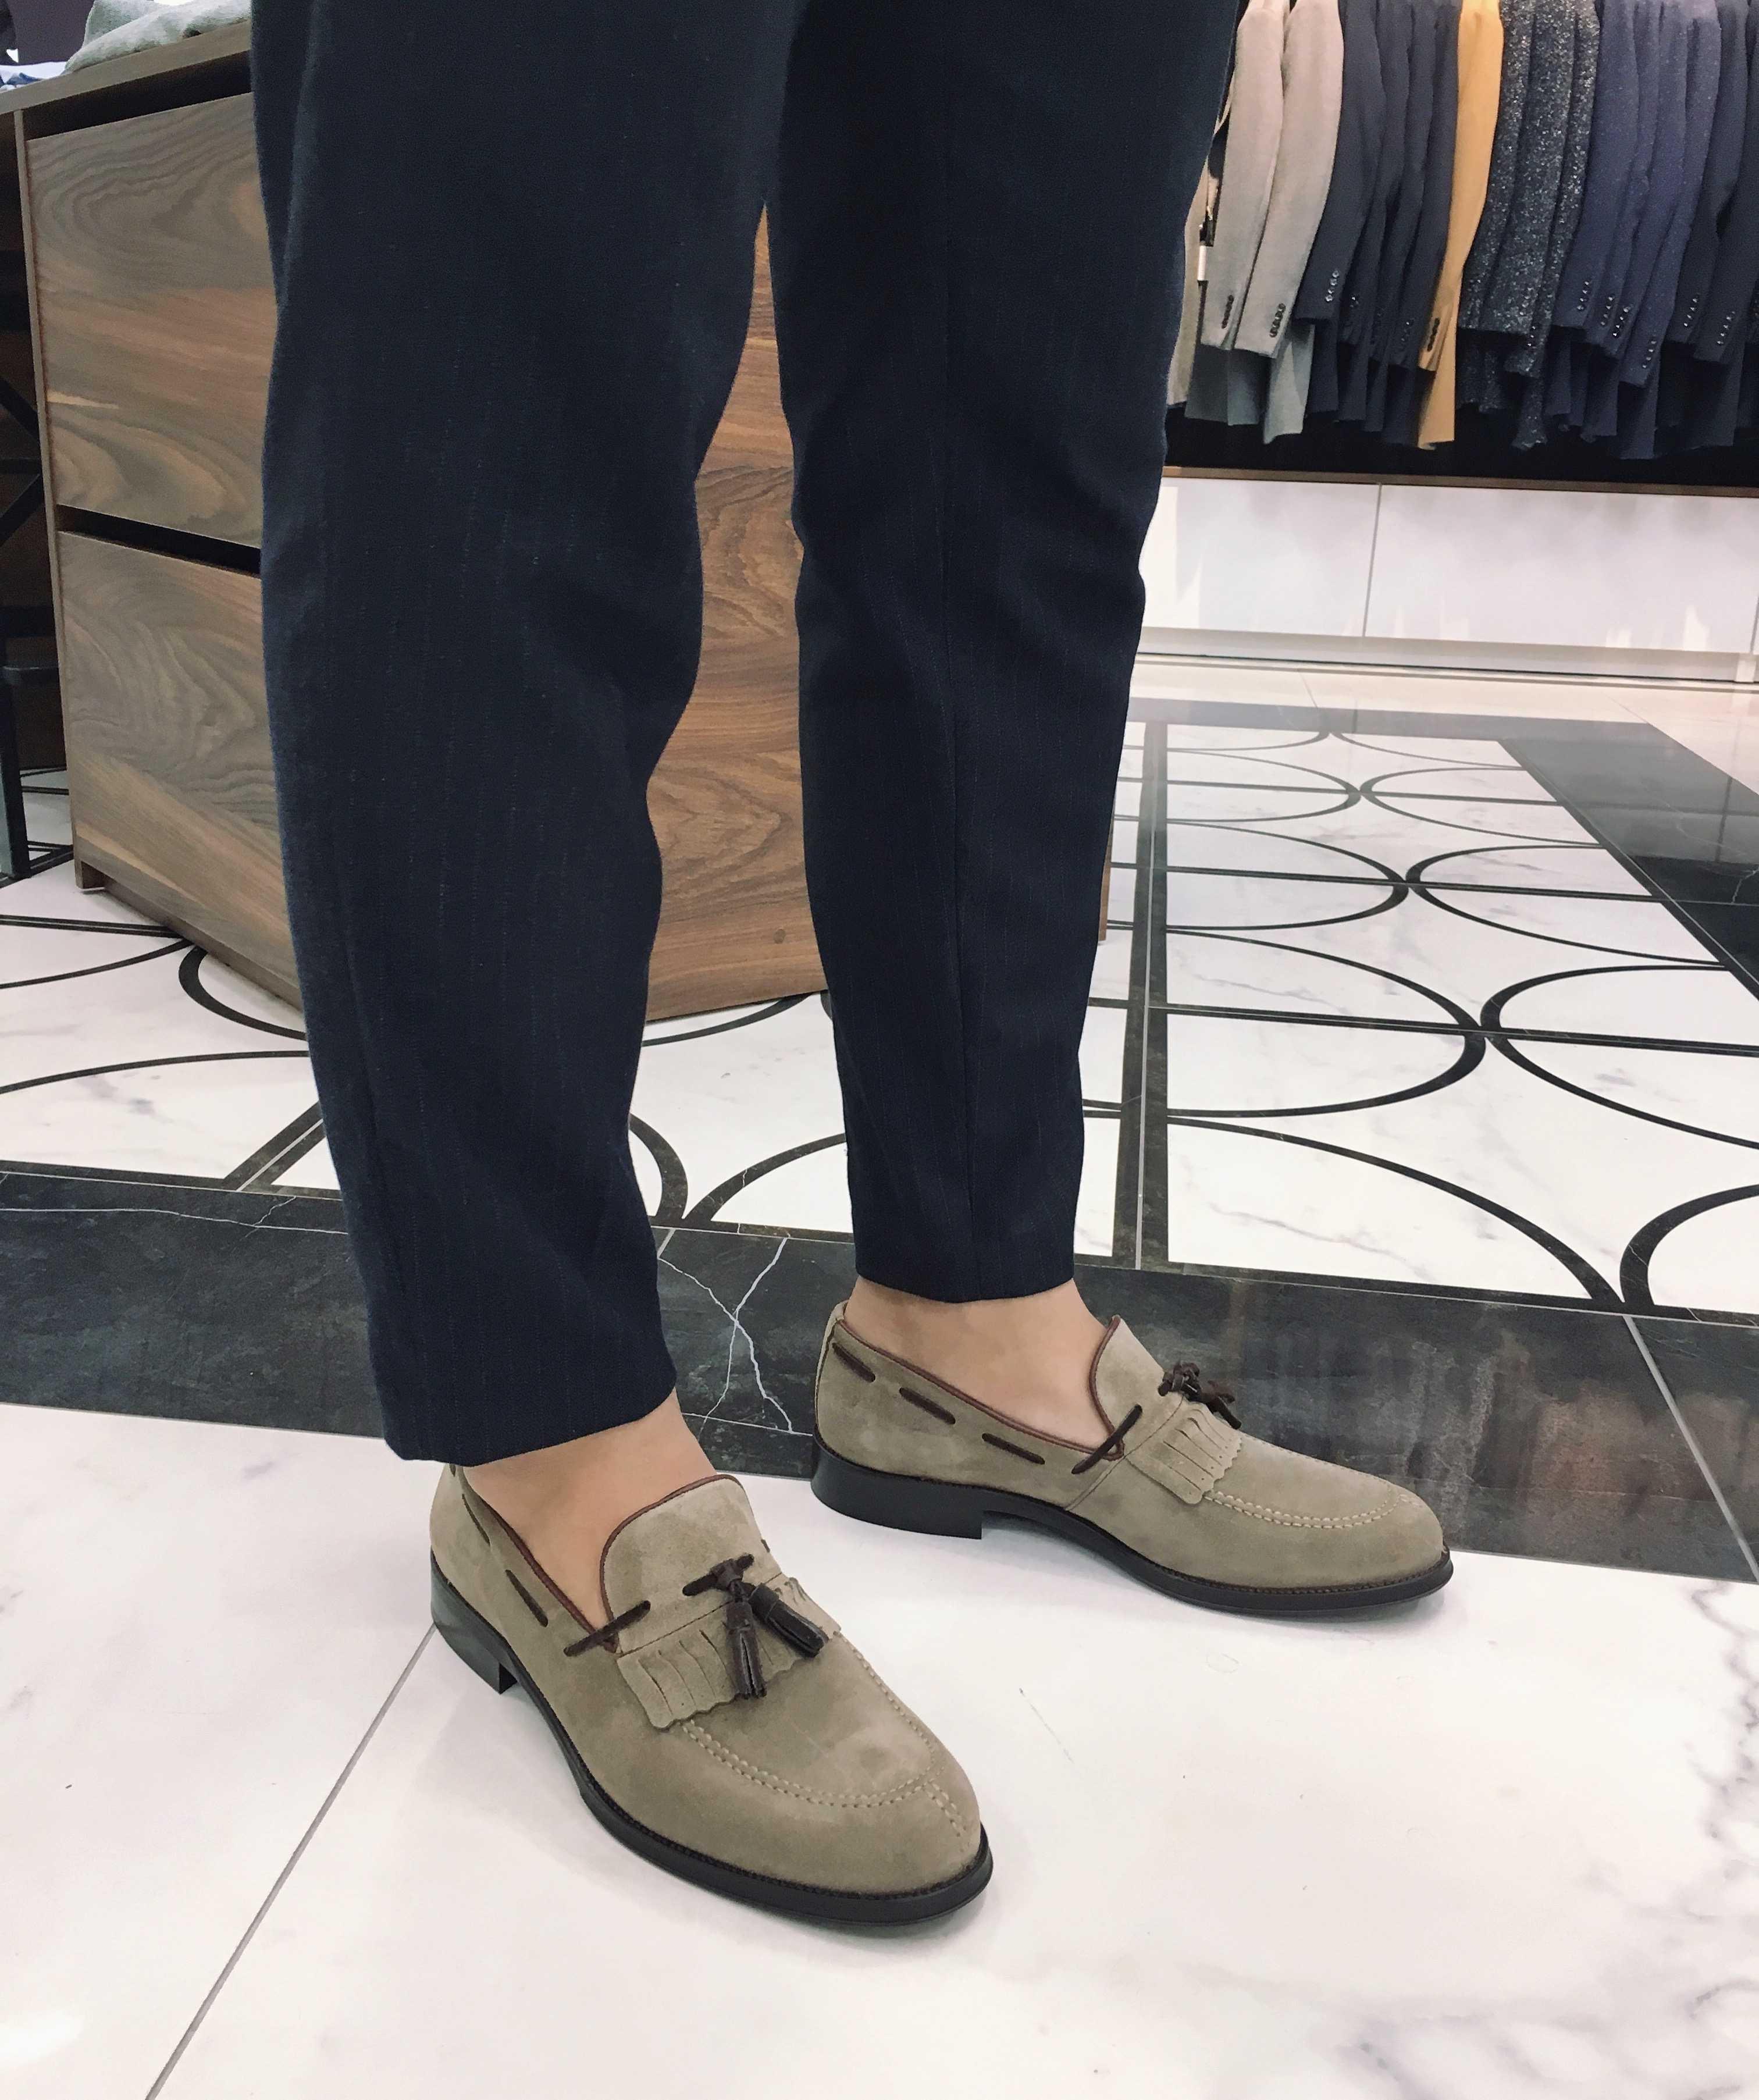 Туфли мужские лоферы с кисточками замшевые цвета визон (Tassel Loafers)